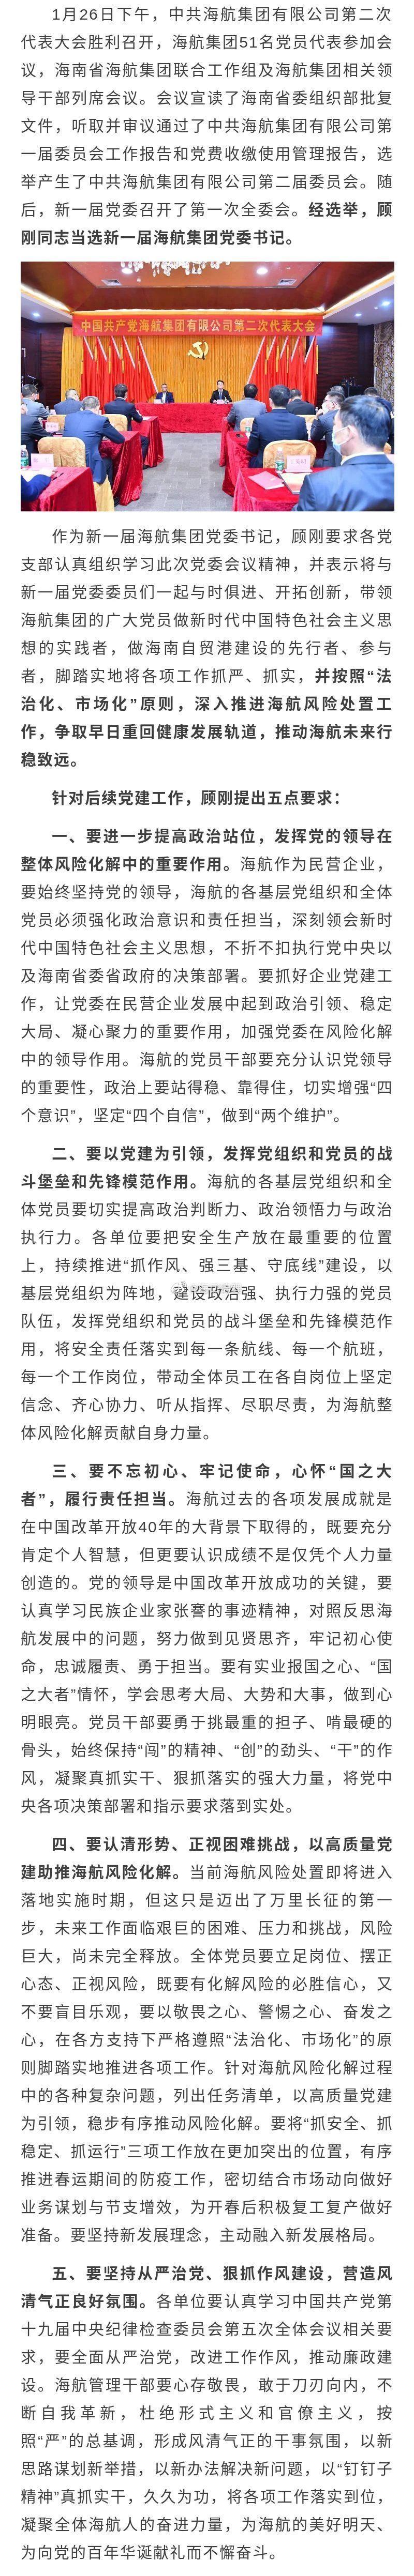 海口 顾刚当选新一届海航集团党委书记